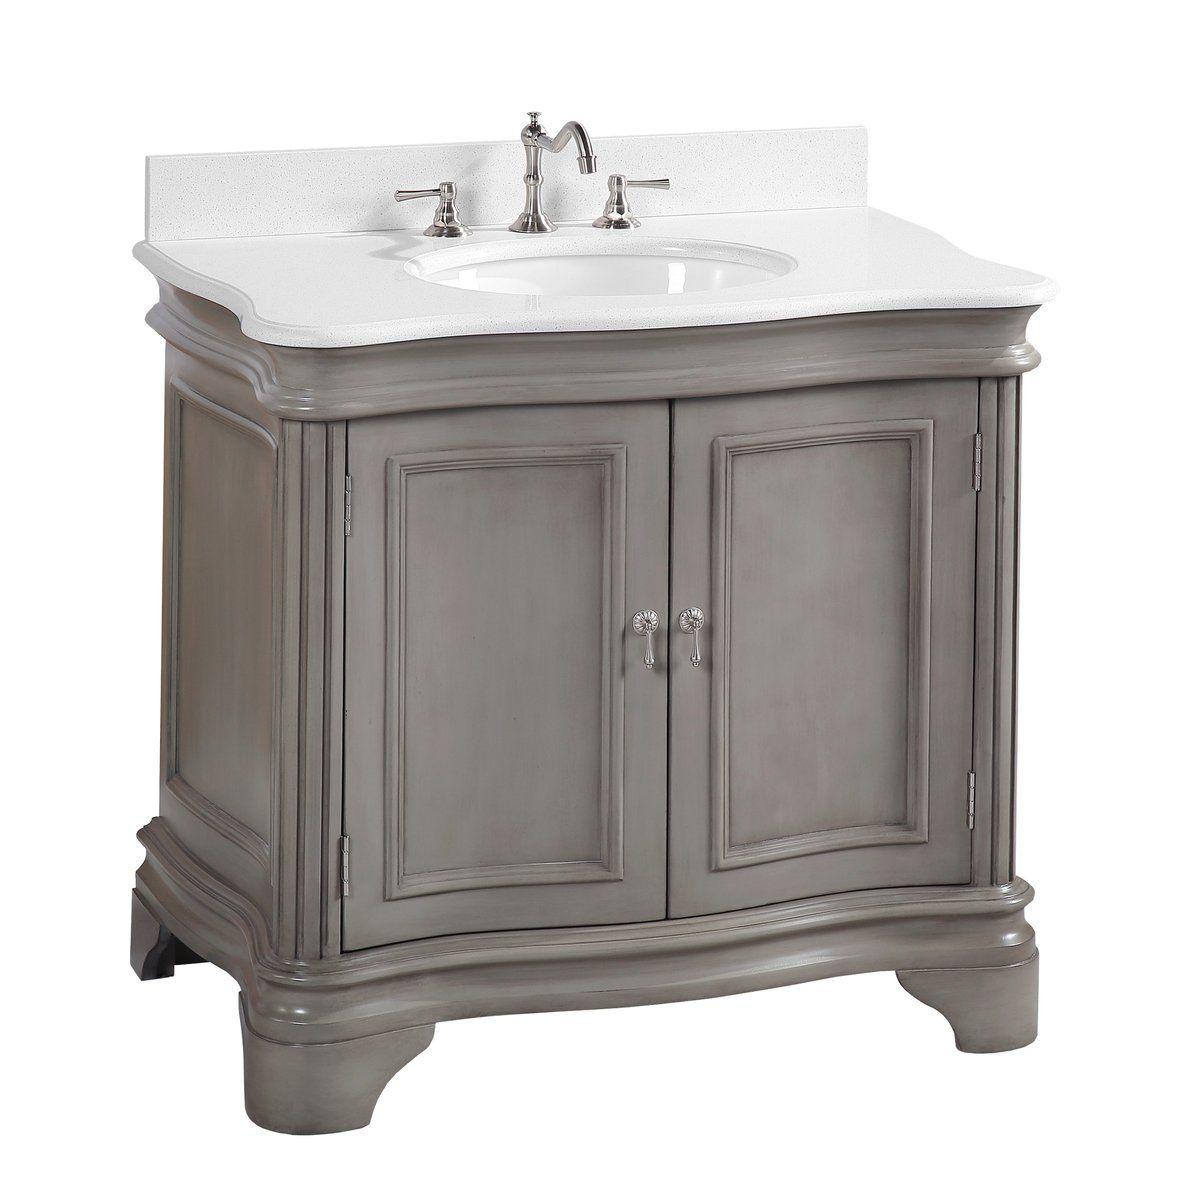 Katherine 36 Inch Vanity Quartz Weathered Gray 36 Inch Bathroom Vanity Bathroom Vanity Single Bathroom Vanity 36 inch gray bathroom vanity